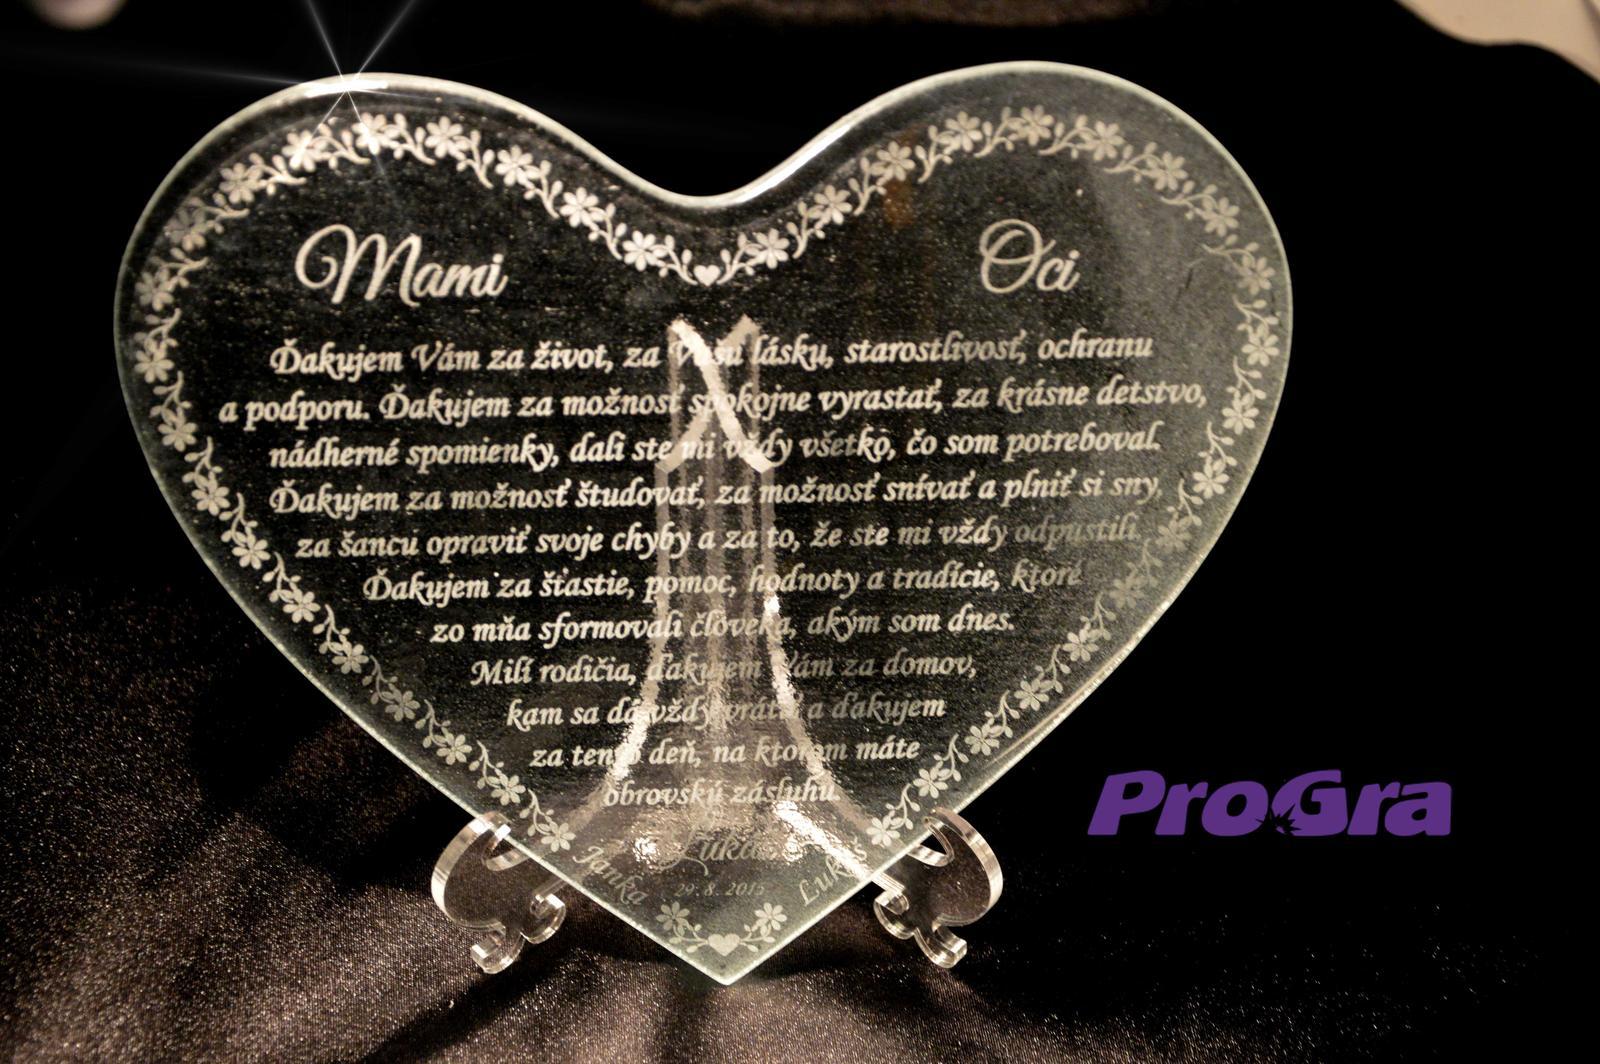 Poděkování rodičům - Skleněné srdíčko gravírované osobním textem - Poděkování rodičům - krásný dárek k svatbě - v naší nabídce